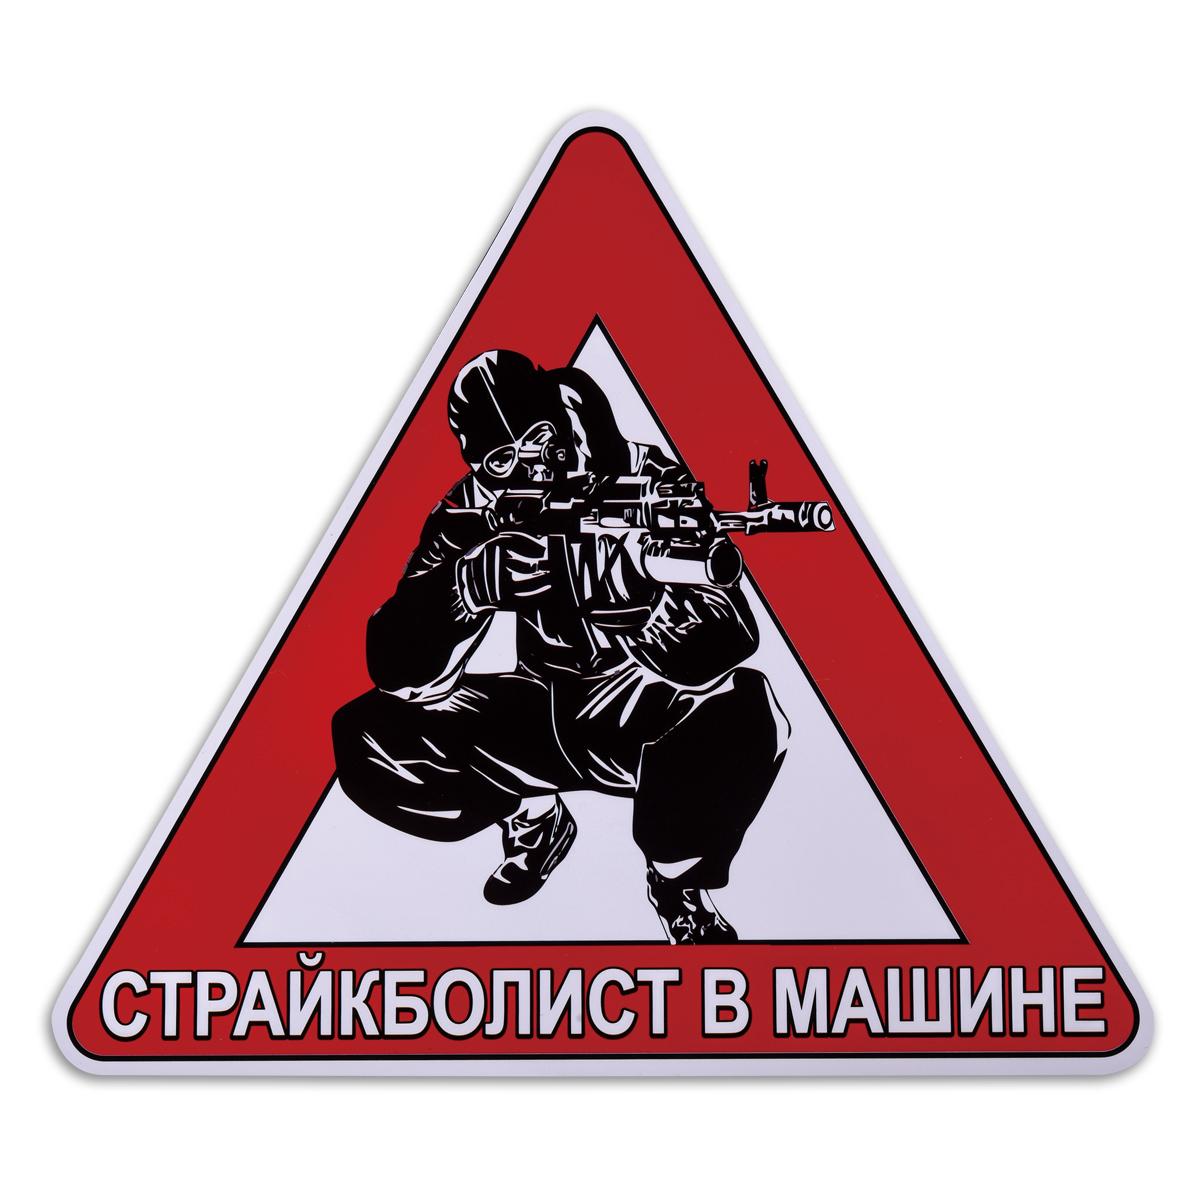 Наклейка автомобильная «Страйкболист в машине»